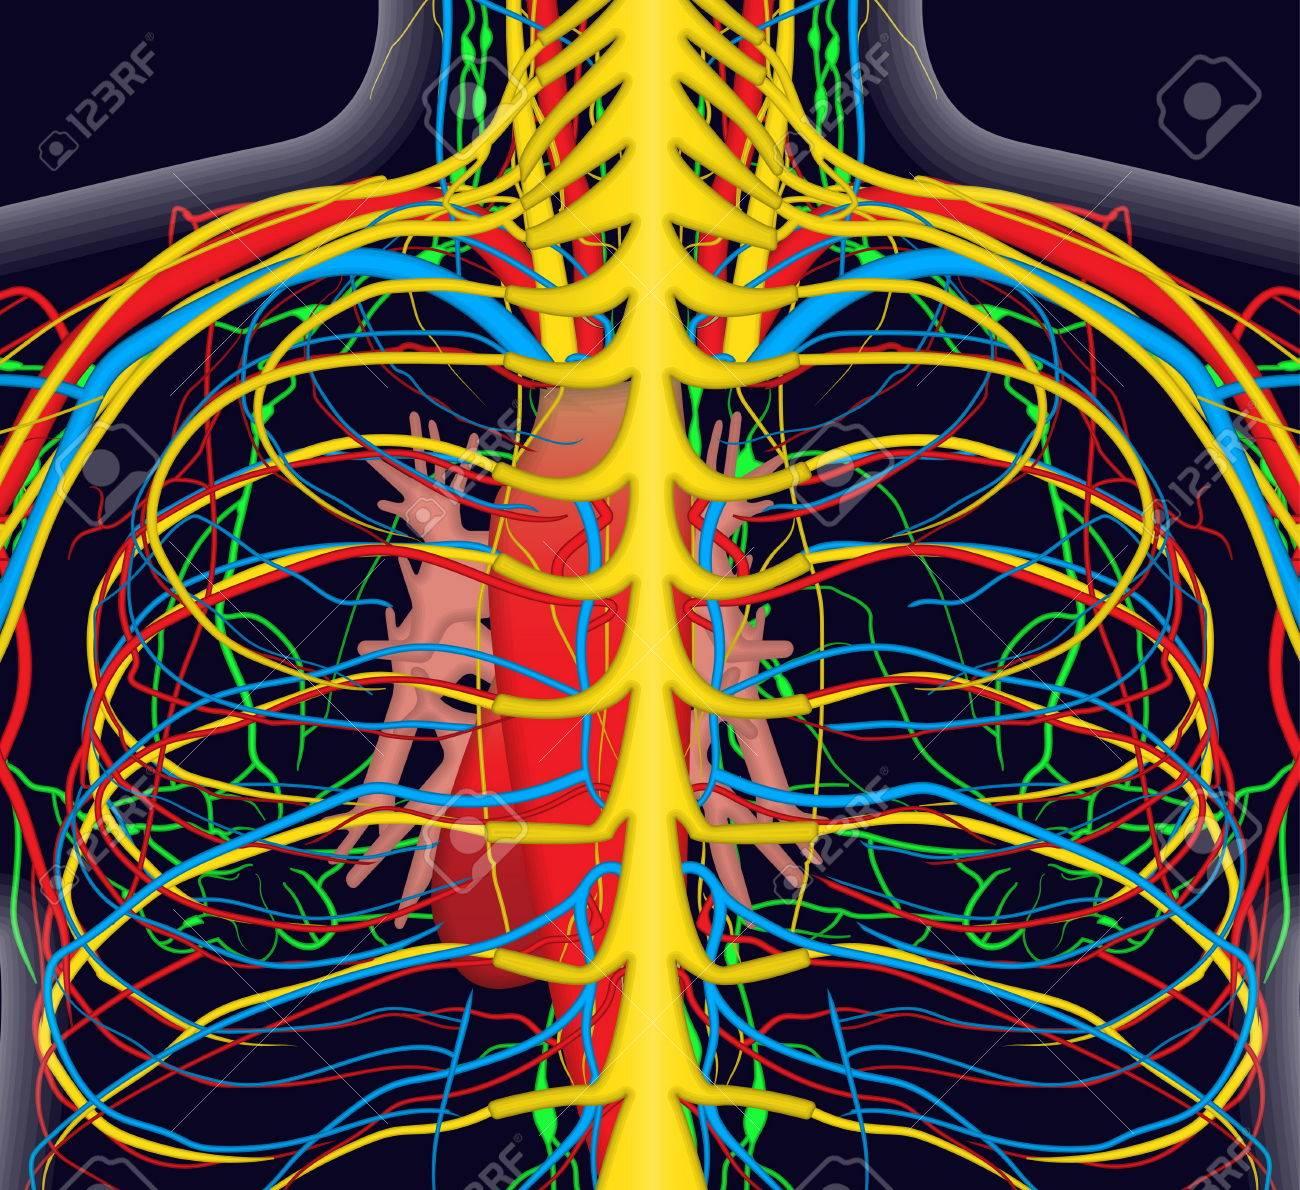 Hermosa Anatomía Delt Trasera Ilustración - Imágenes de Anatomía ...